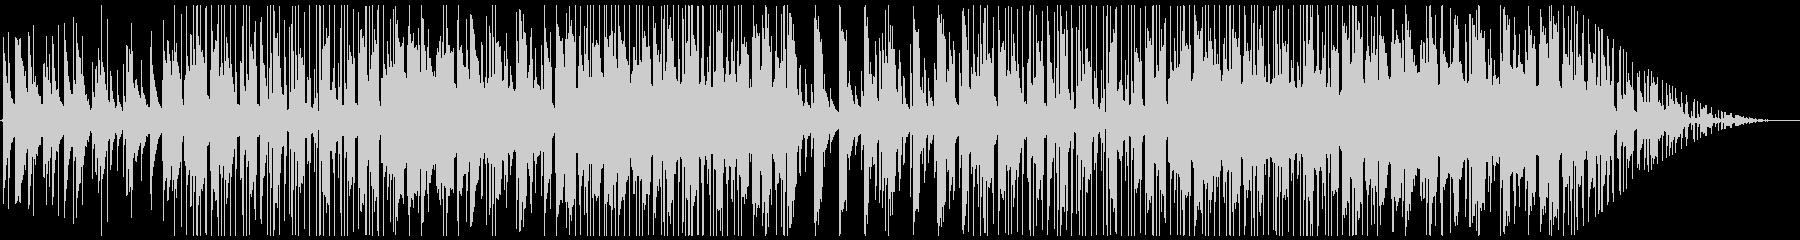 レトロなピアノとストリングスのチルホップの未再生の波形